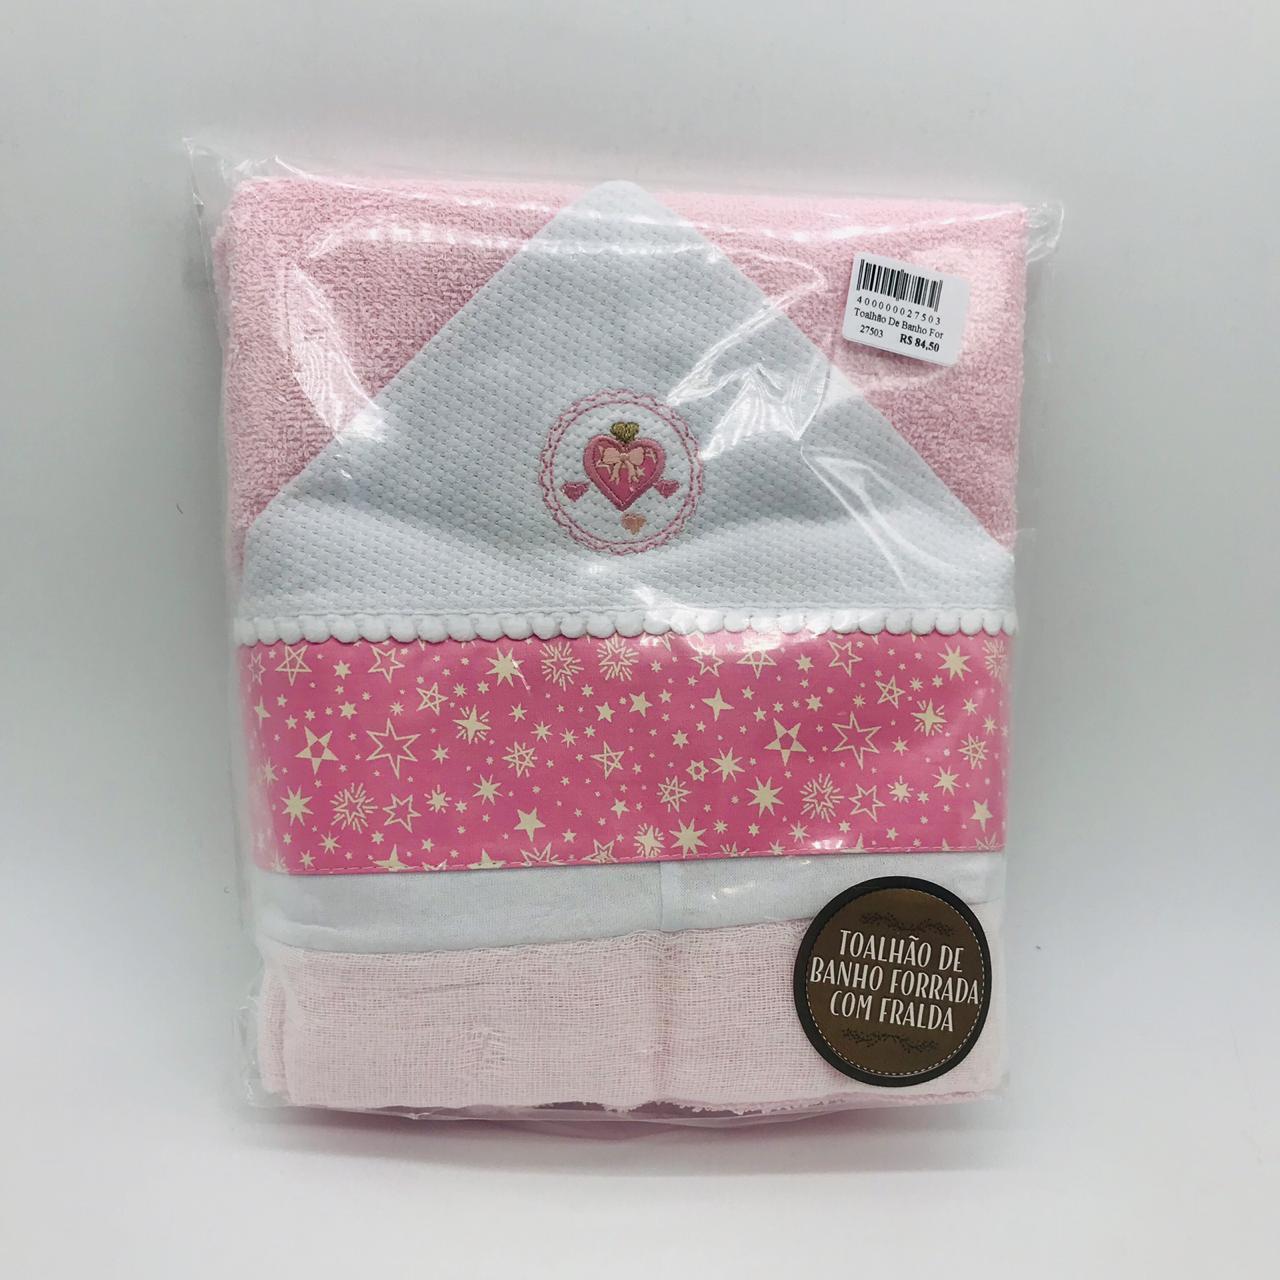 Toalhão de Banho Forrada Fralda Requinte Coração Laço Rosa - Cata Vento Ref 255